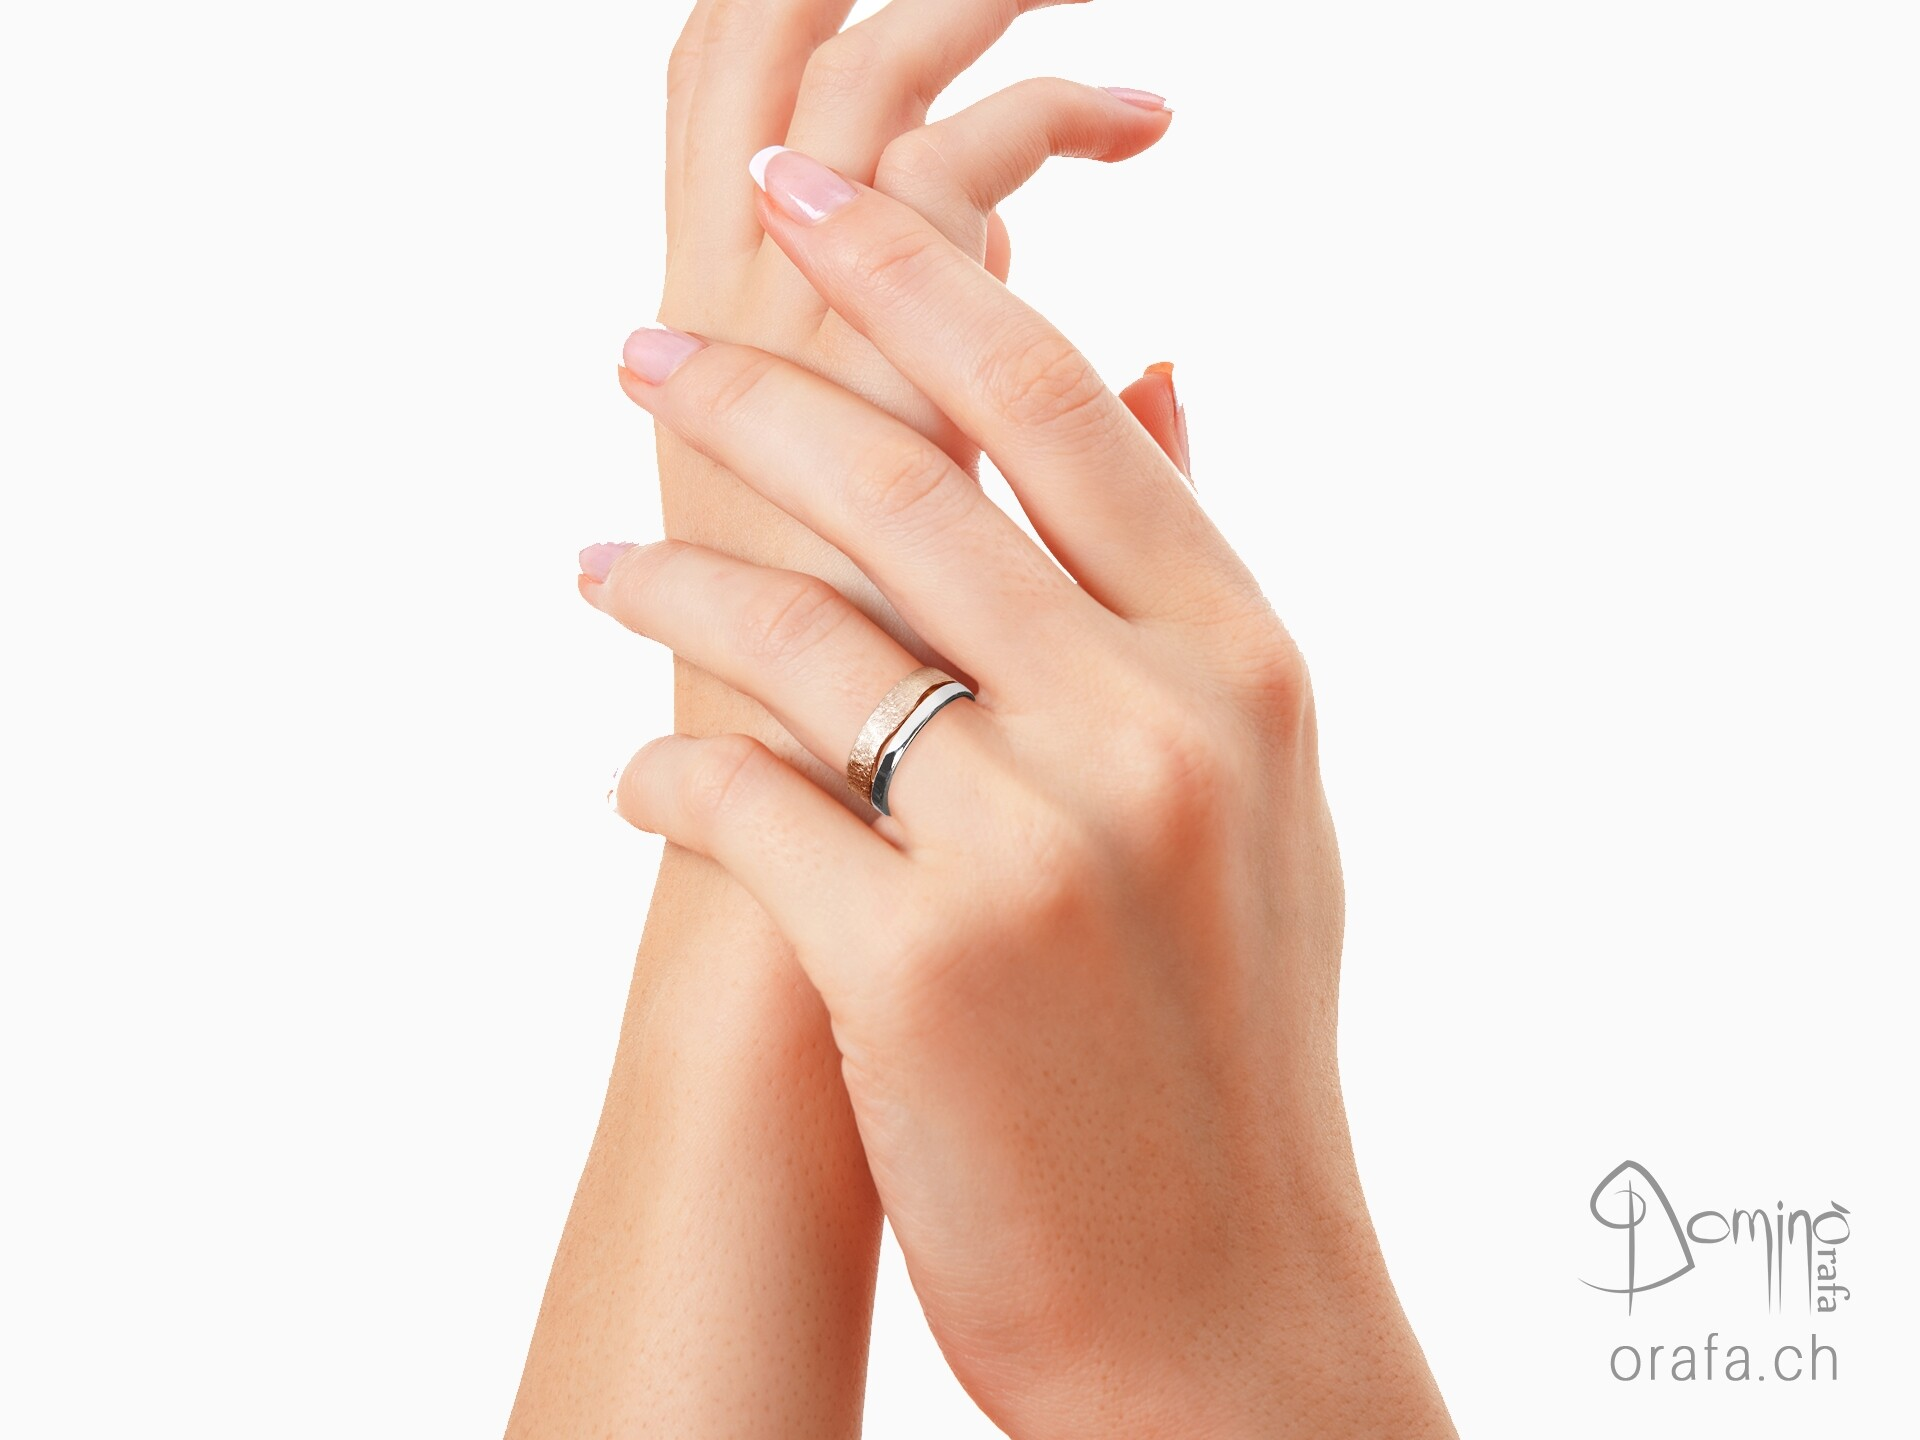 anelli-doppi-onda-lucido-graffiato-bicolore-1